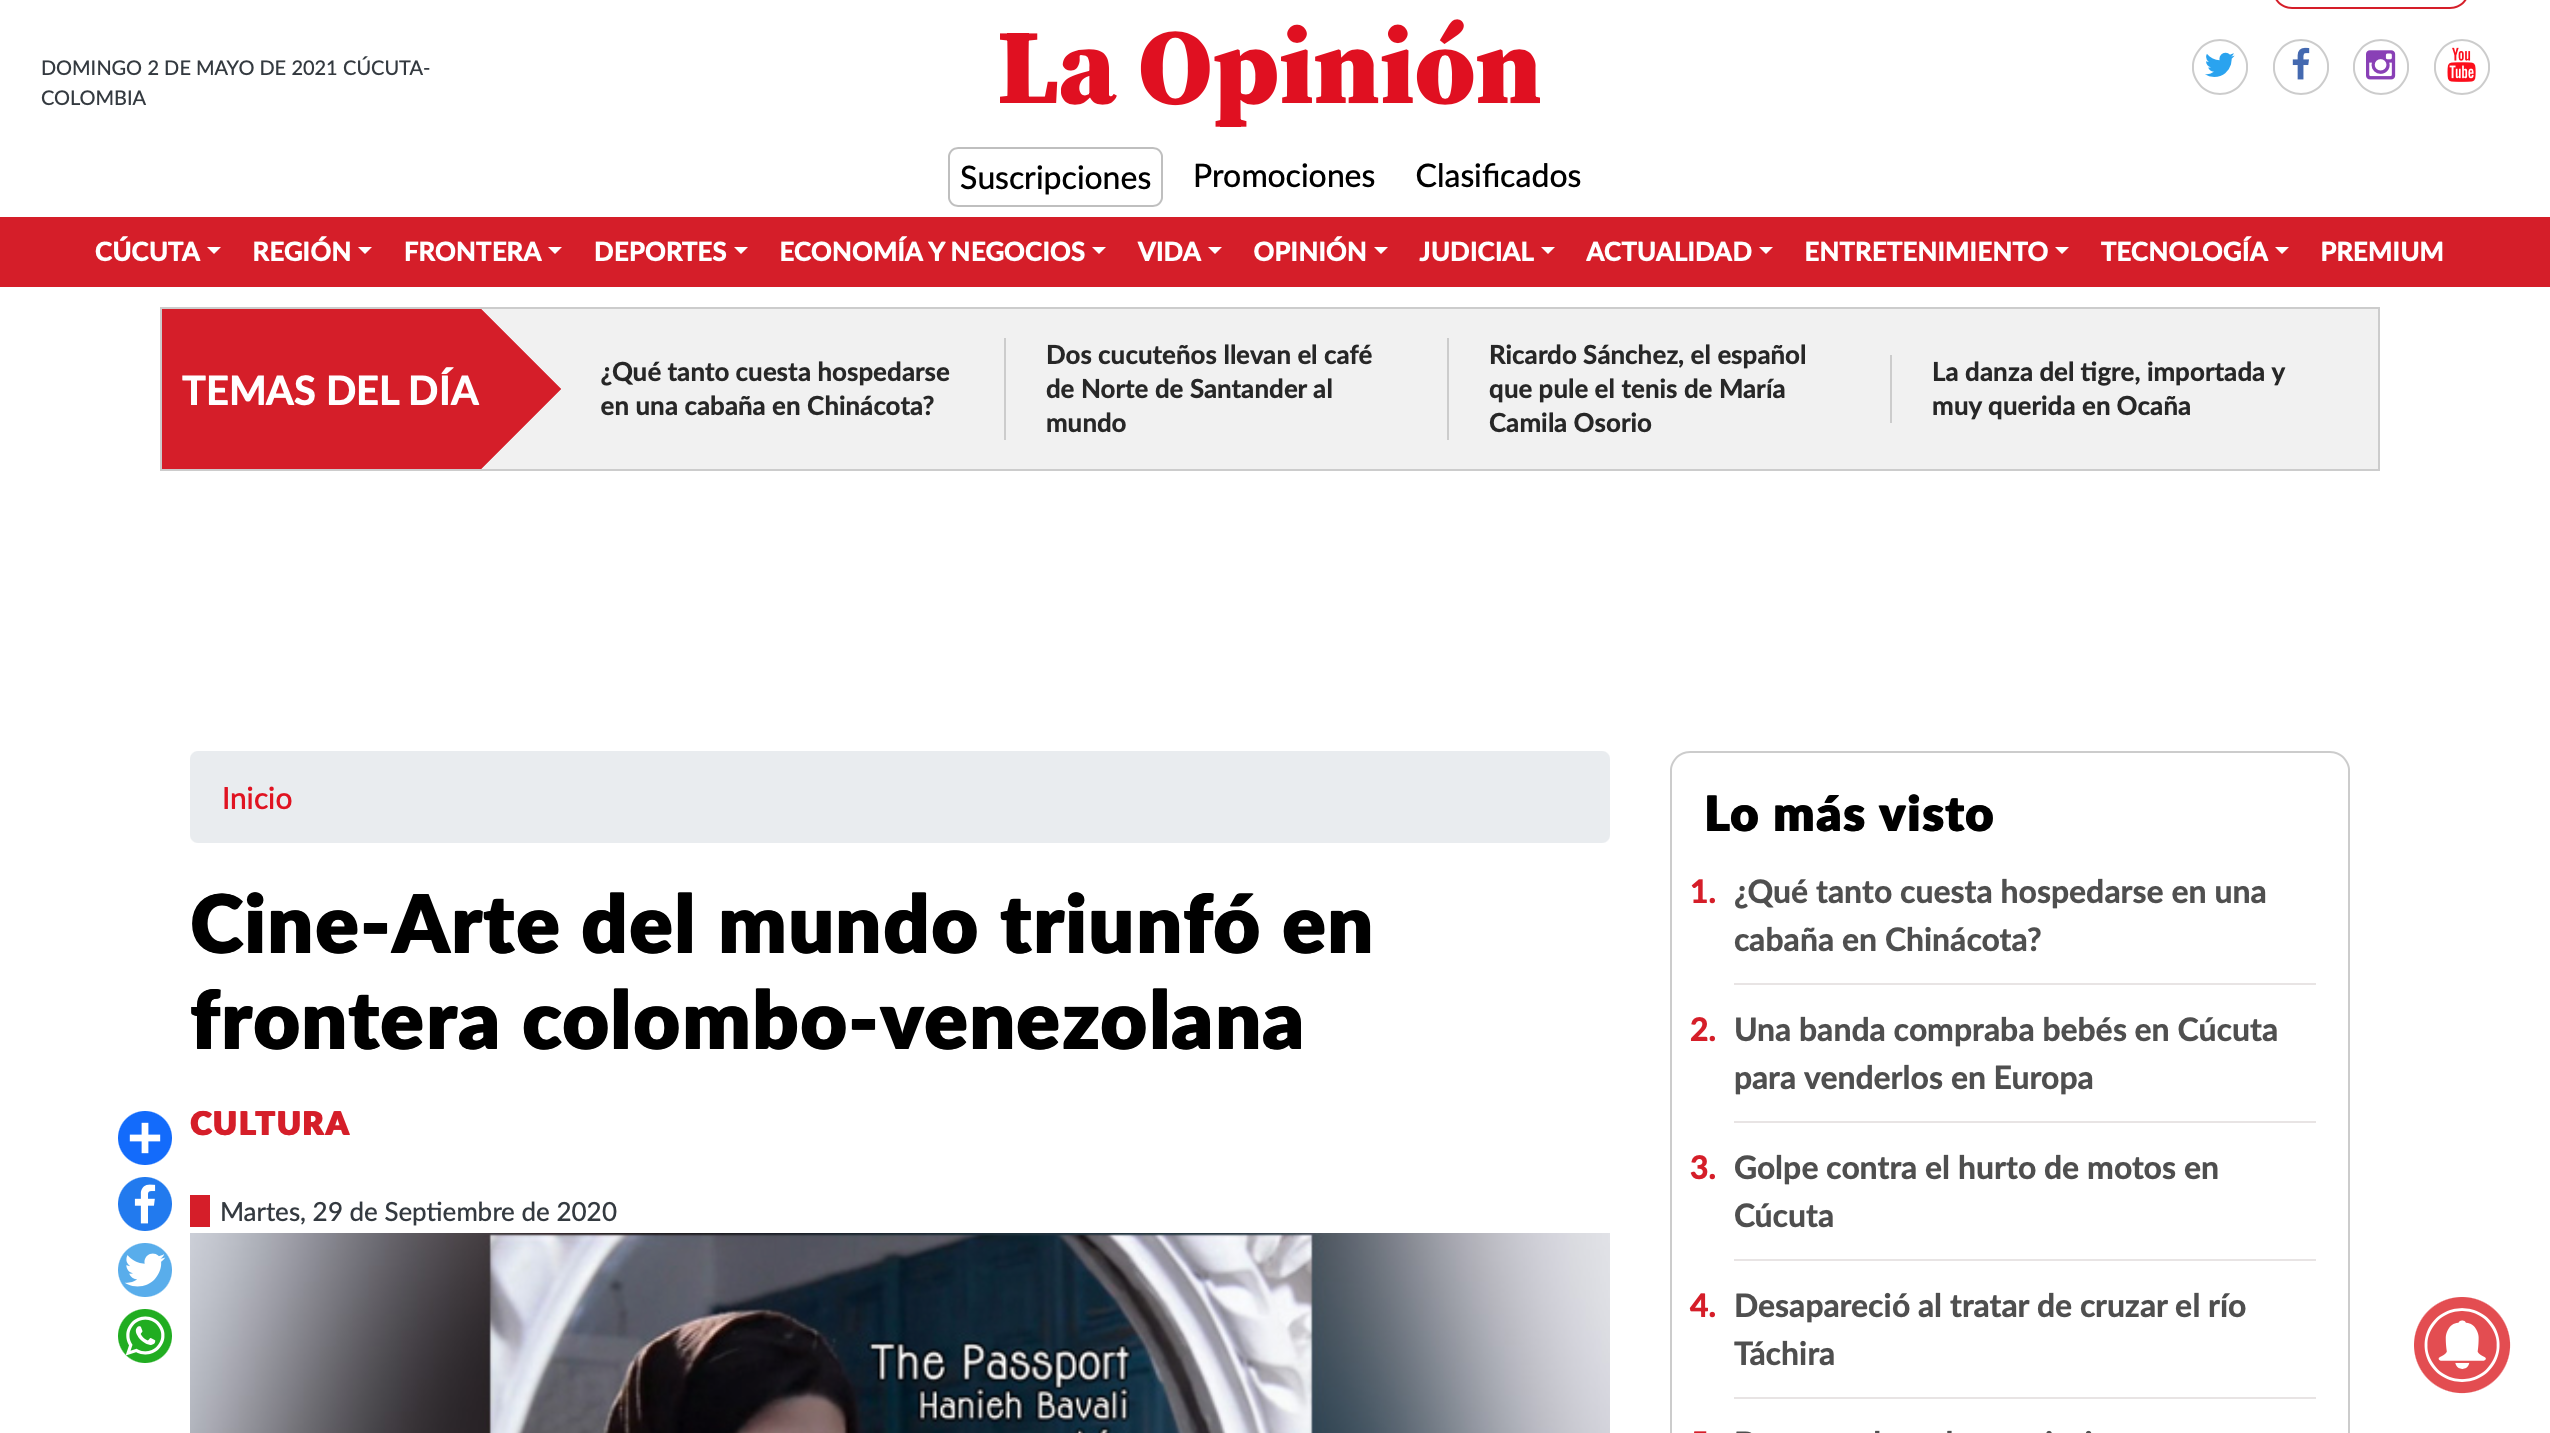 La Opinion 1 Screenshot 2021-05-02 at 20.07.04